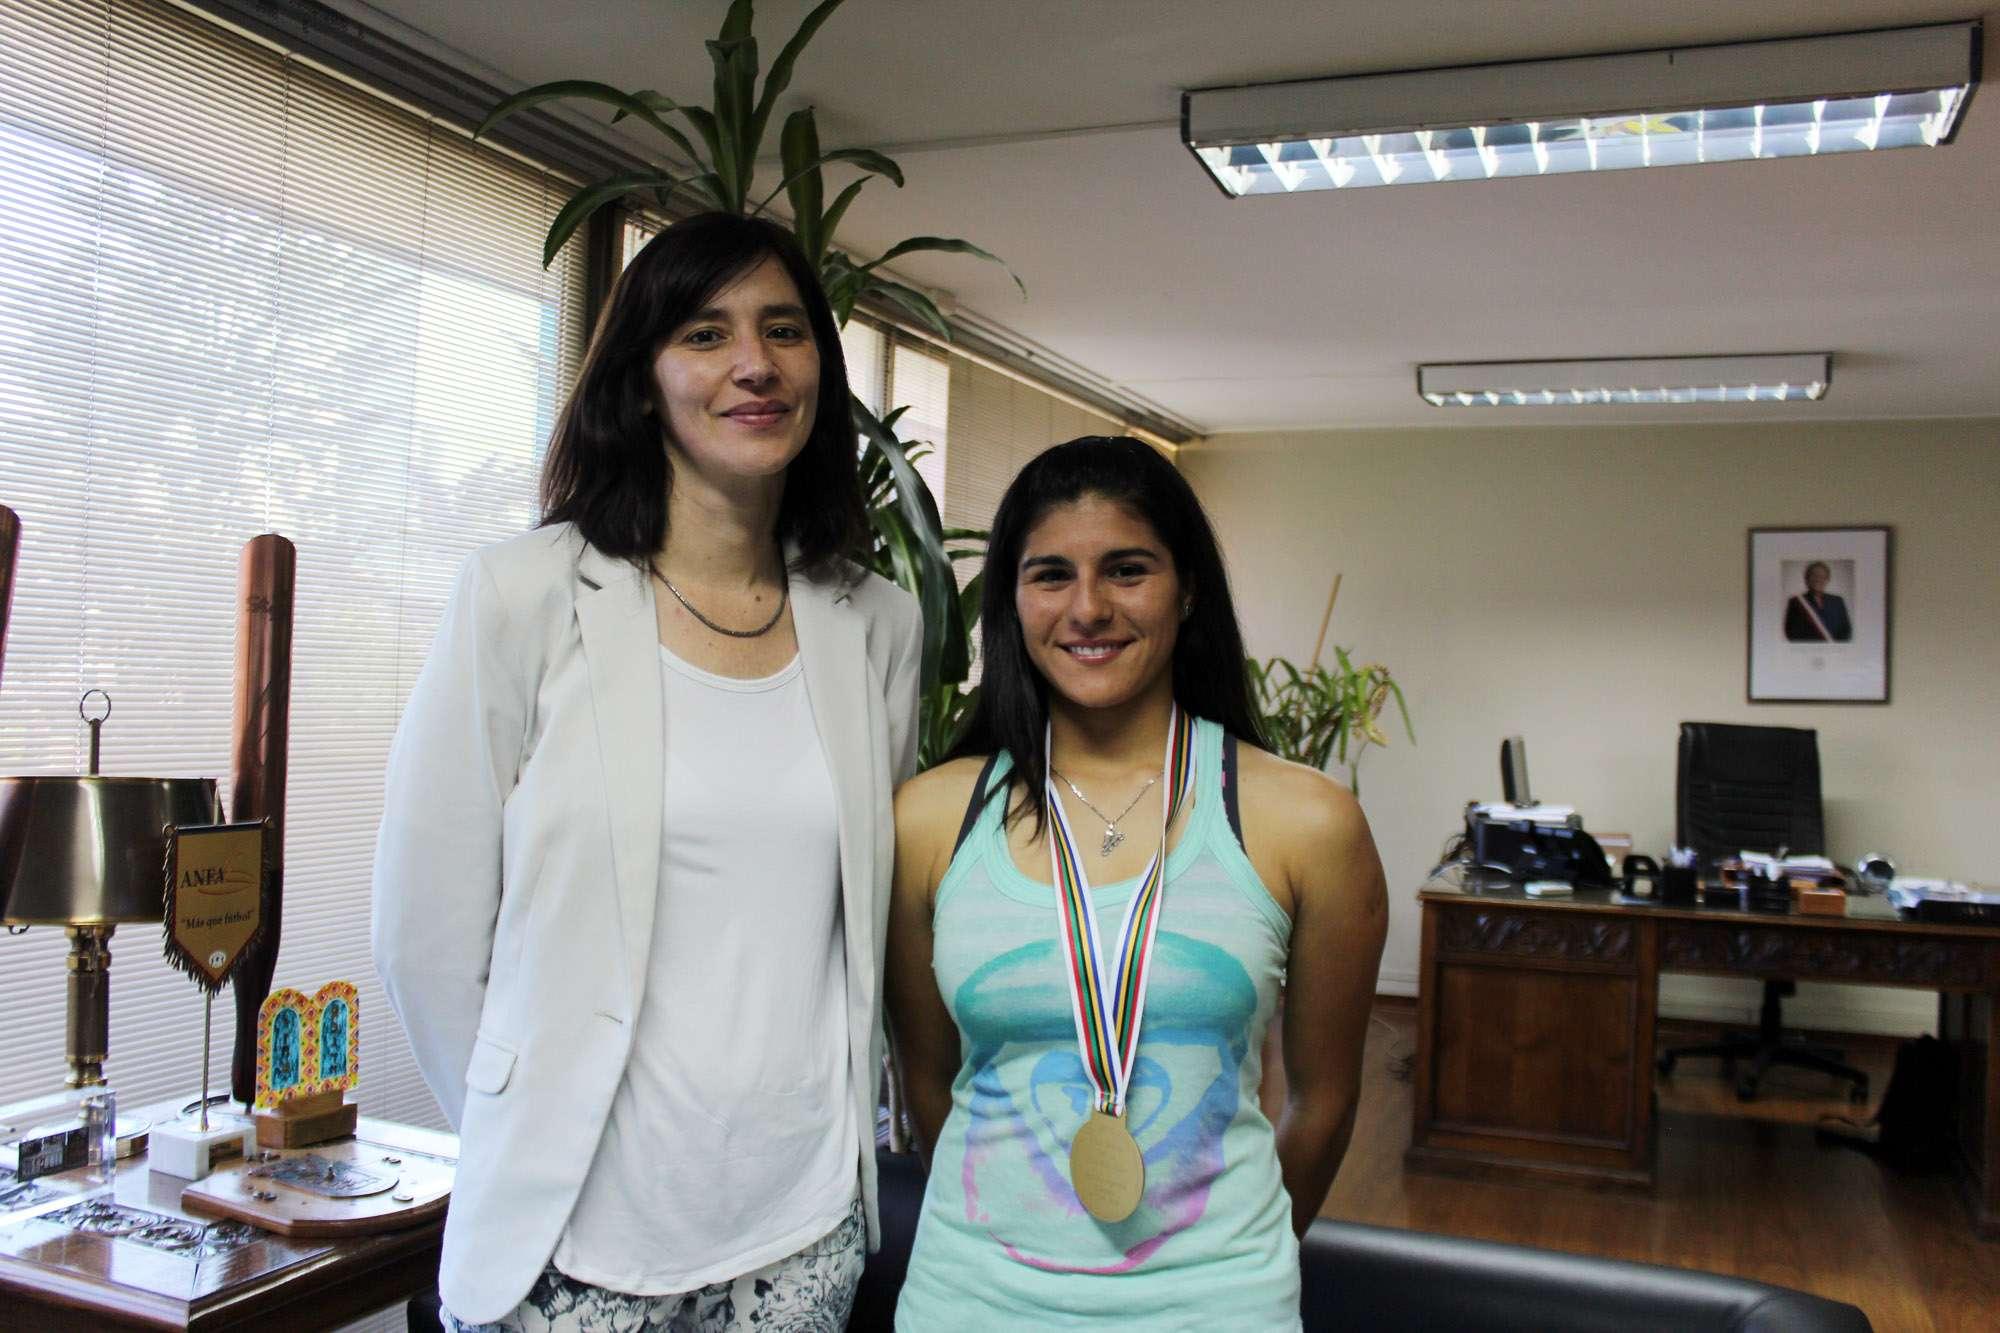 María José Moya ganó Medalla de Oro en Argentina. Foto: Prensa Mindep